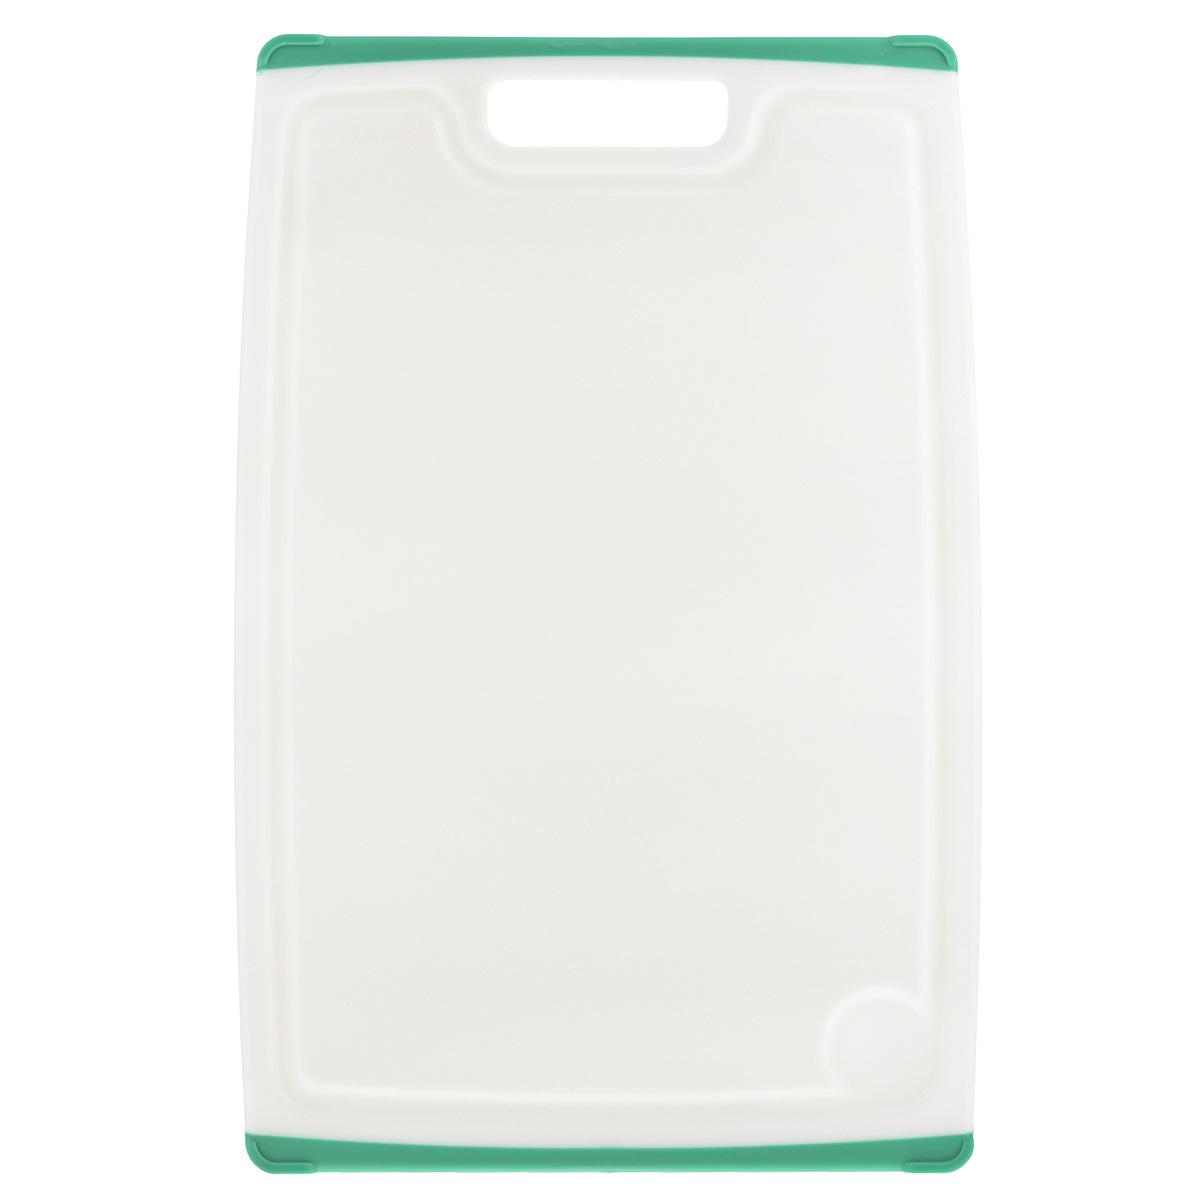 Доска разделочная Tescoma Cosmo, цвет: зеленый, 36 см х 24 см379214Разделочная доска Tescoma Cosmo, изготовленная из высококачественного прочного пластика, станет незаменимым атрибутом приготовления пищи. Она идеально подходит для разделки мяса, рыбы, приготовления теста и нарезки любых продуктов. А особый дизайн краев с желобком способствует задерживанию жидкостей и остатков продуктов. Изделие оснащено прорезиненными цветными вставками с двух сторон для предотвращения скольжения по столу. Доска предназначена для ежедневного интенсивного использования. Не затупляет лезвия. Современный стильный дизайн и функциональность разделочной доски Tescoma Cosmo, позволит занять ей достойное место на вашей кухне. Можно мыть в посудомоечной машине.